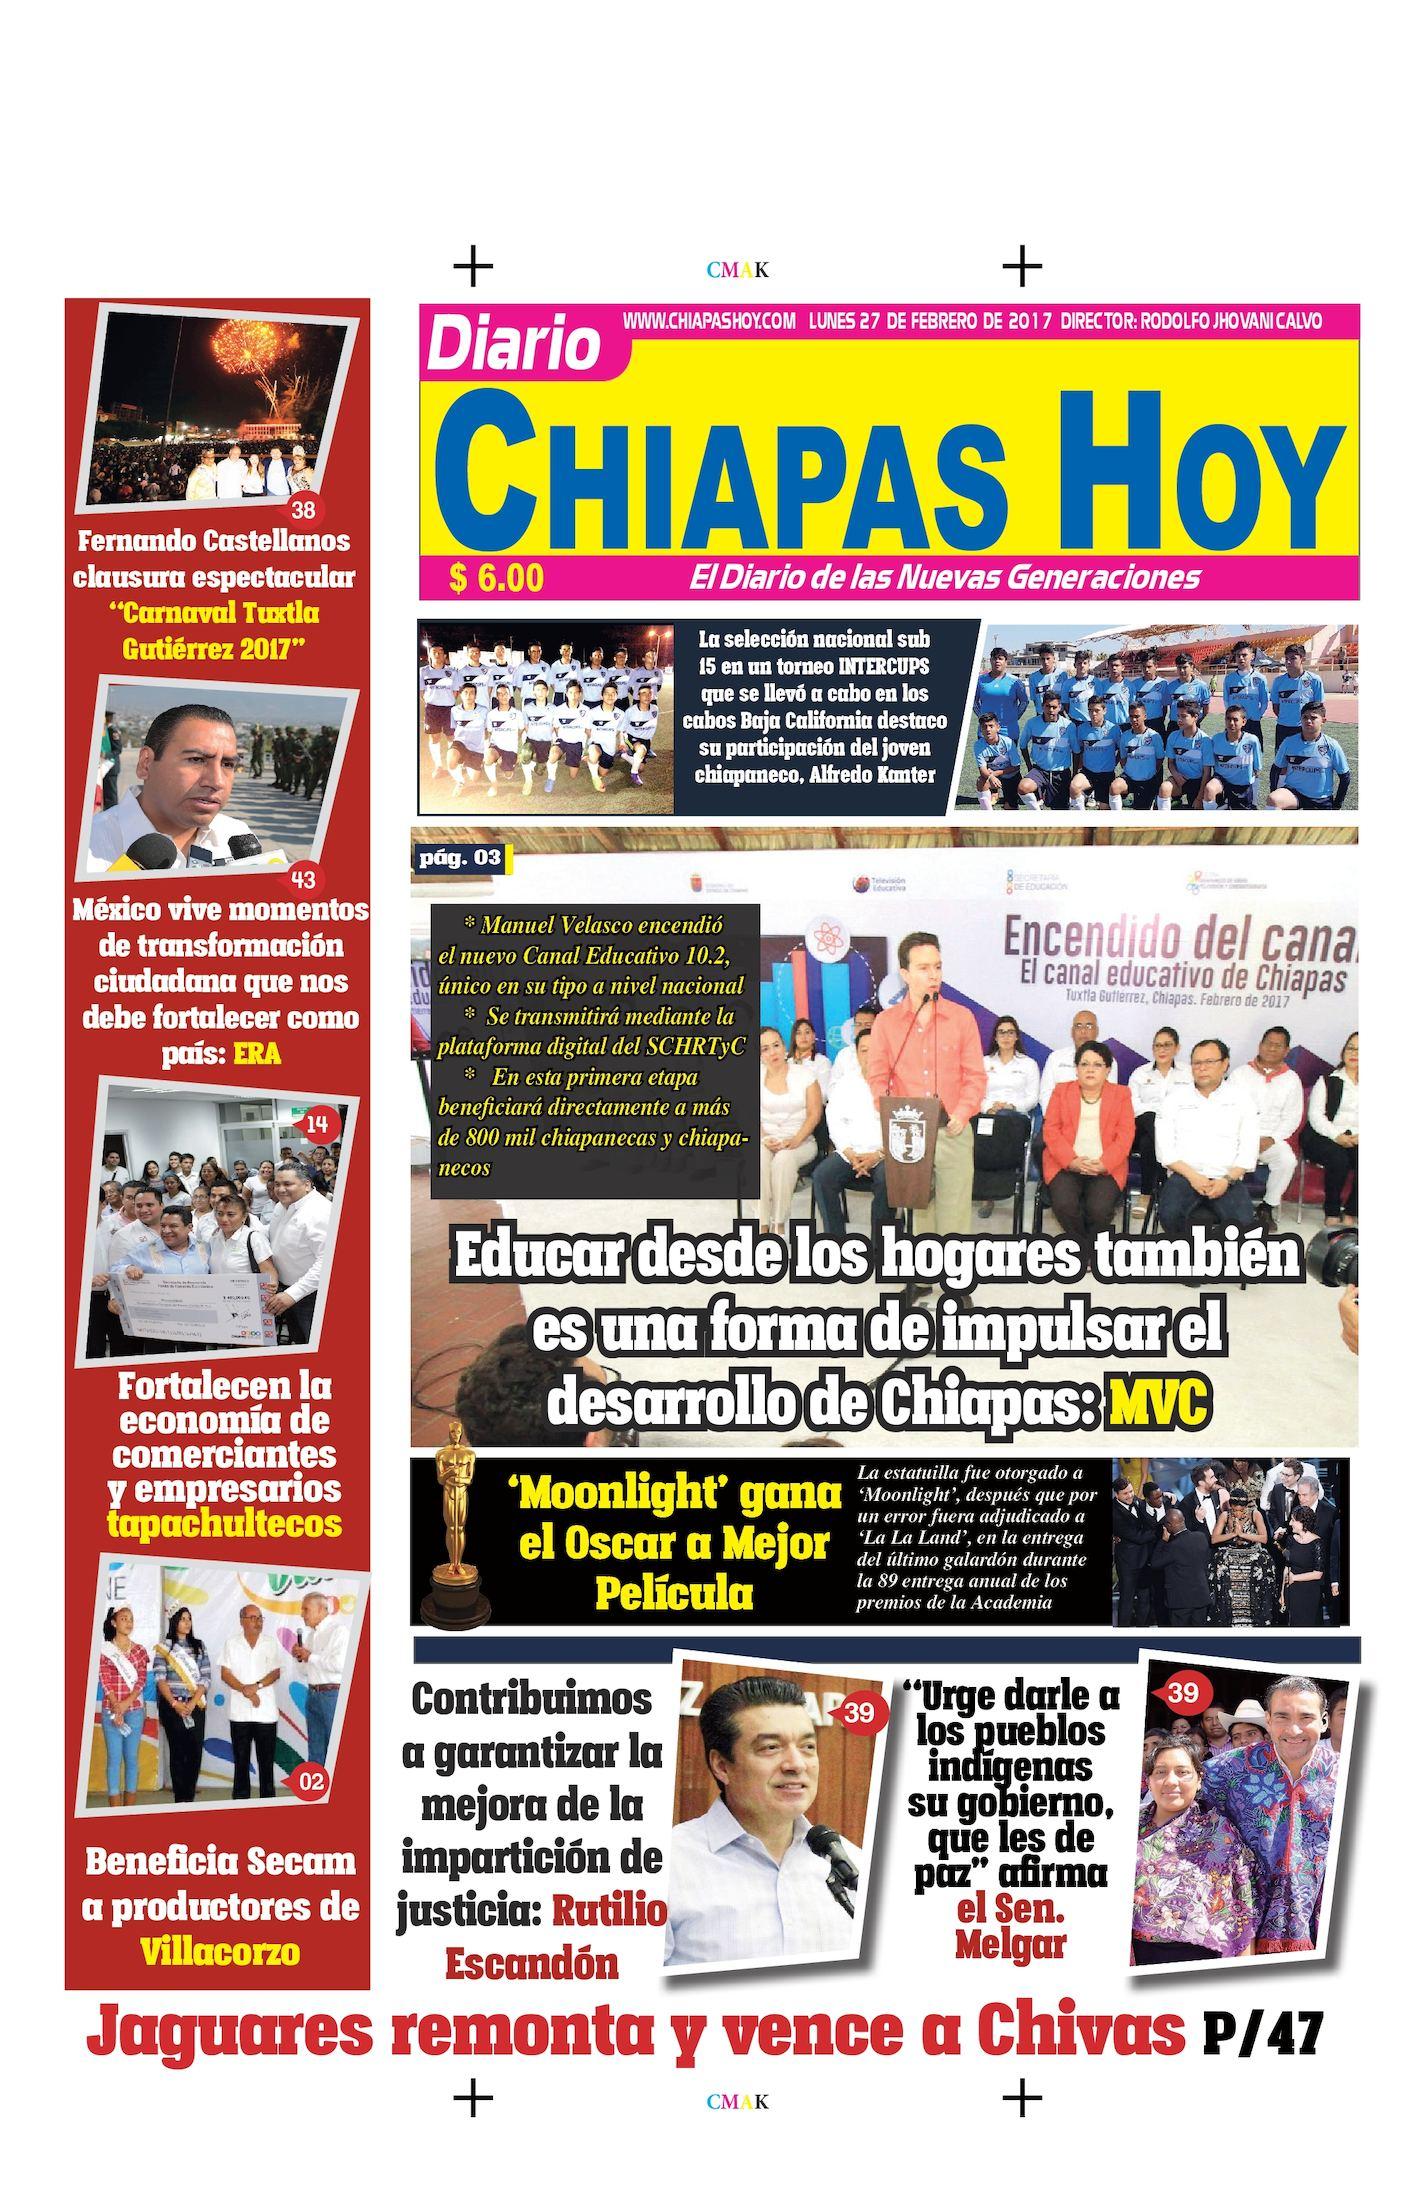 Chiapas Hoy Lunes 27 de Febrero de 2017